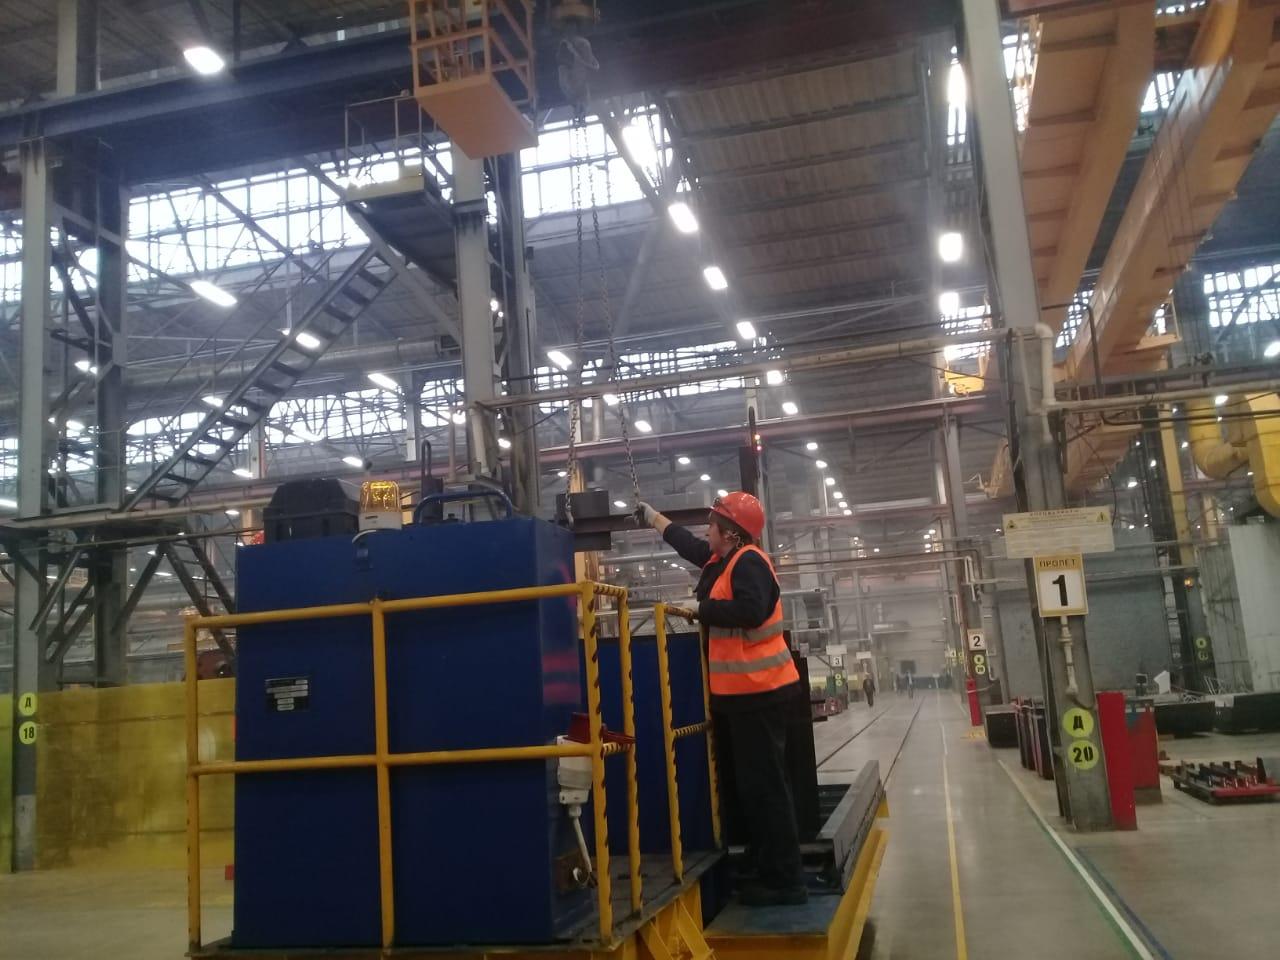 جولة لليوم السابع بمصنع جرارات السكة الحديد الروسى (36)